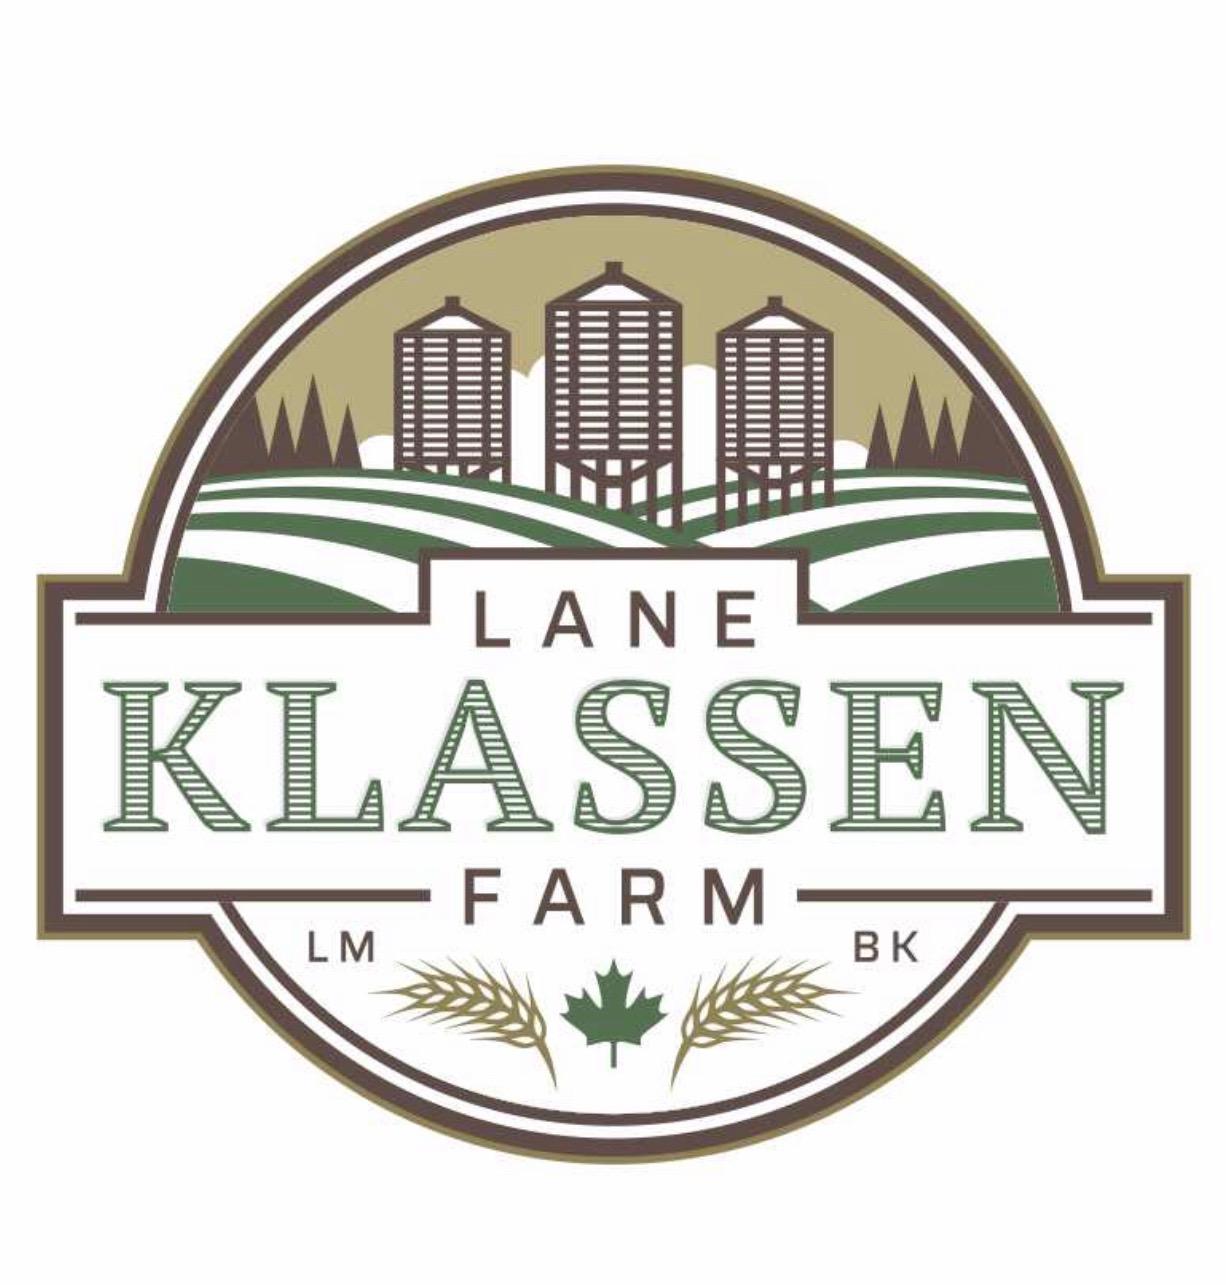 Lane Klassen Farm